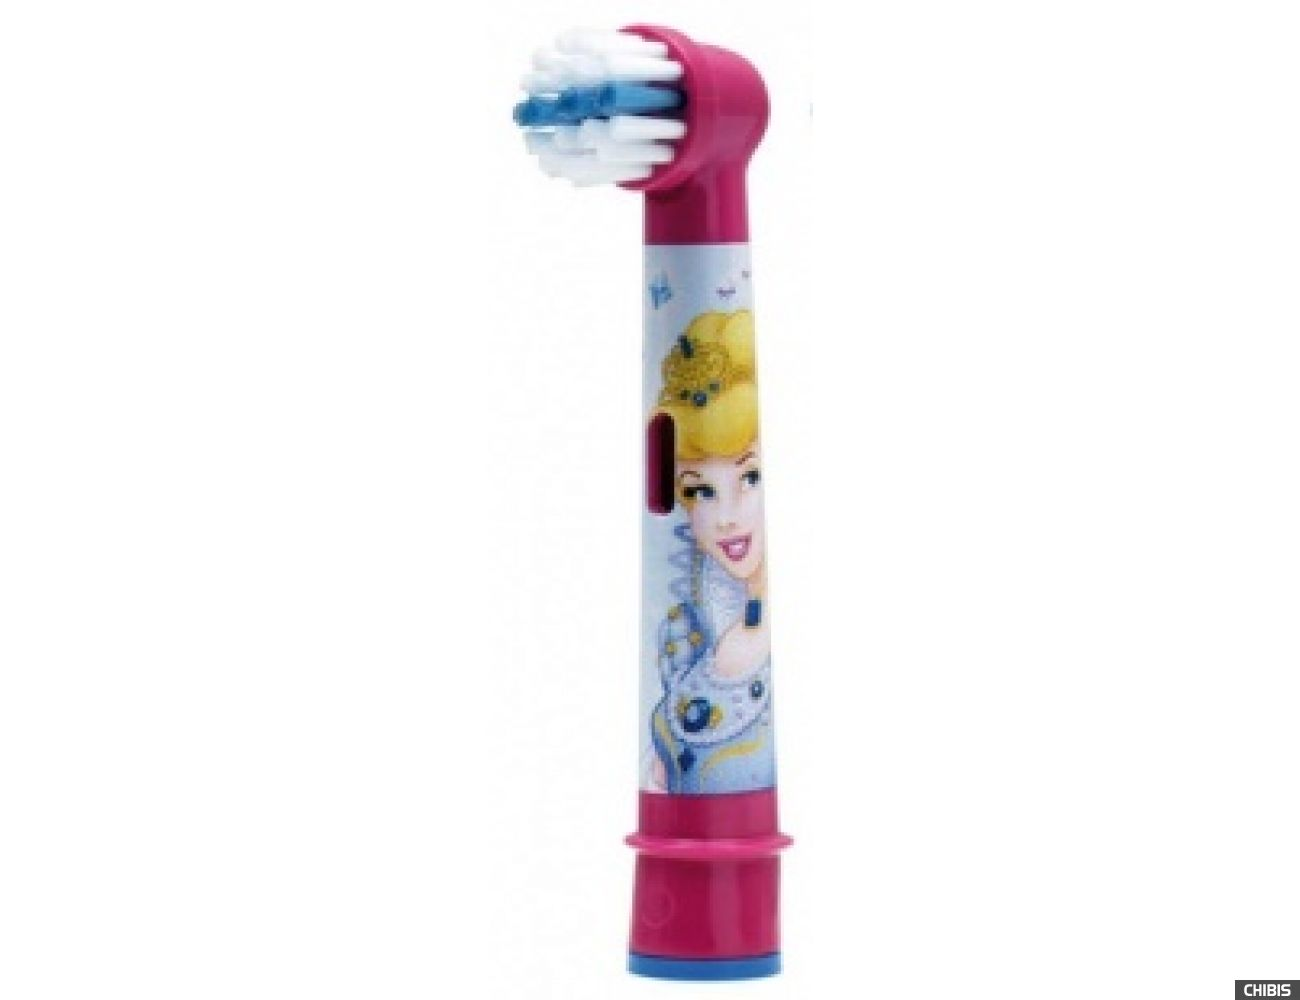 Сменная насадка Braun Oral-B Stages Power 1 шт. золушка EB10-1 4210201746263